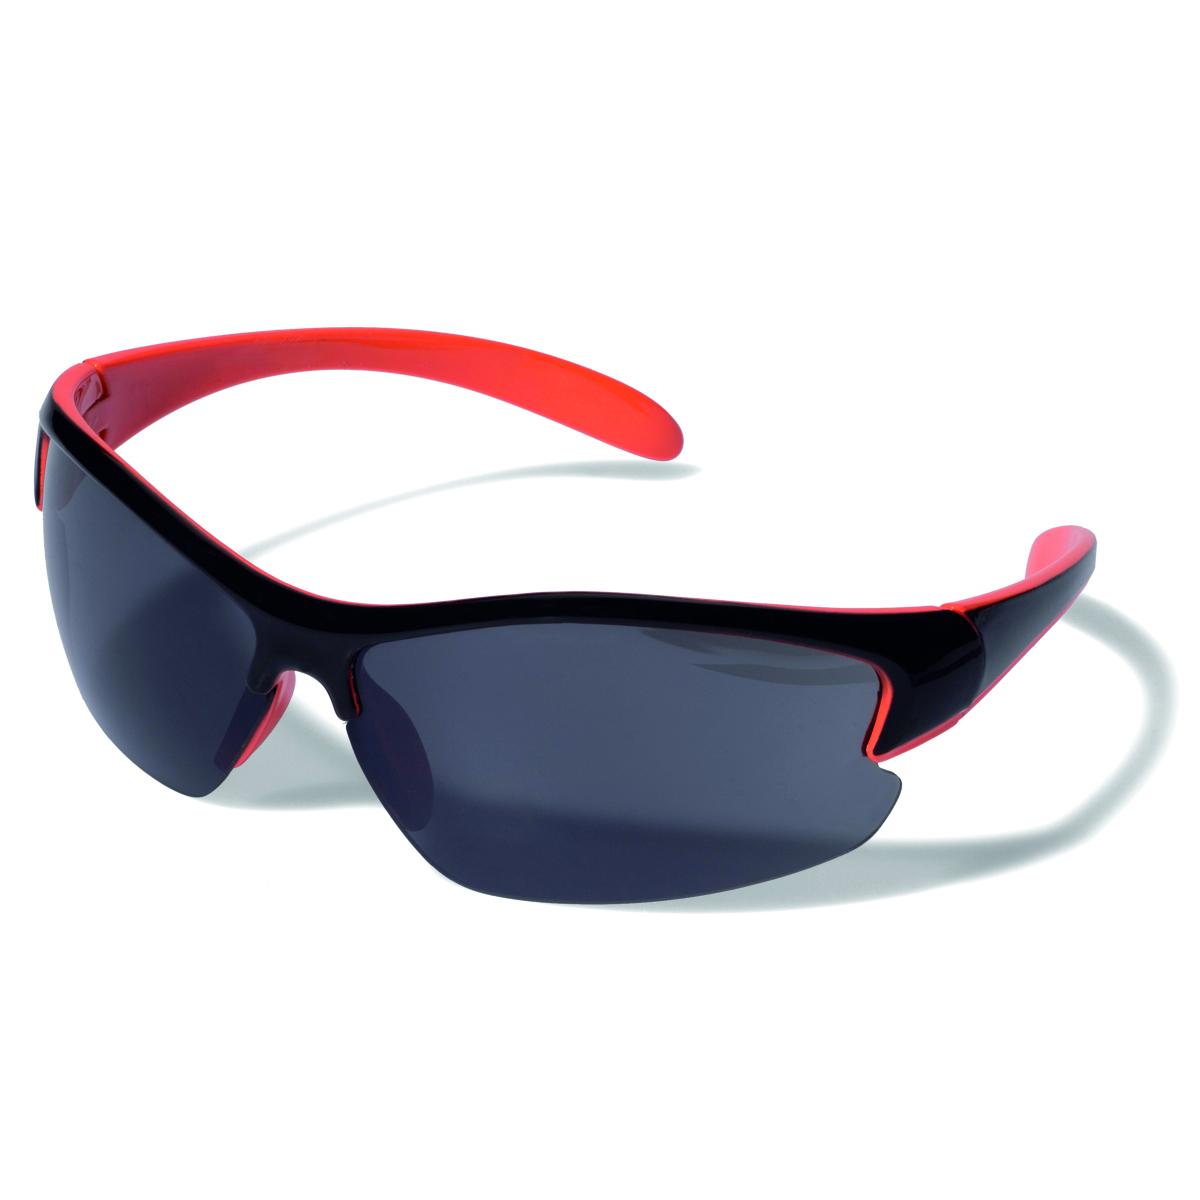 New Yorker SUNGLASSES Sunglasses 53 056 49000 RSD New Yorker vam predlaže: Najbolje naočare za sunce